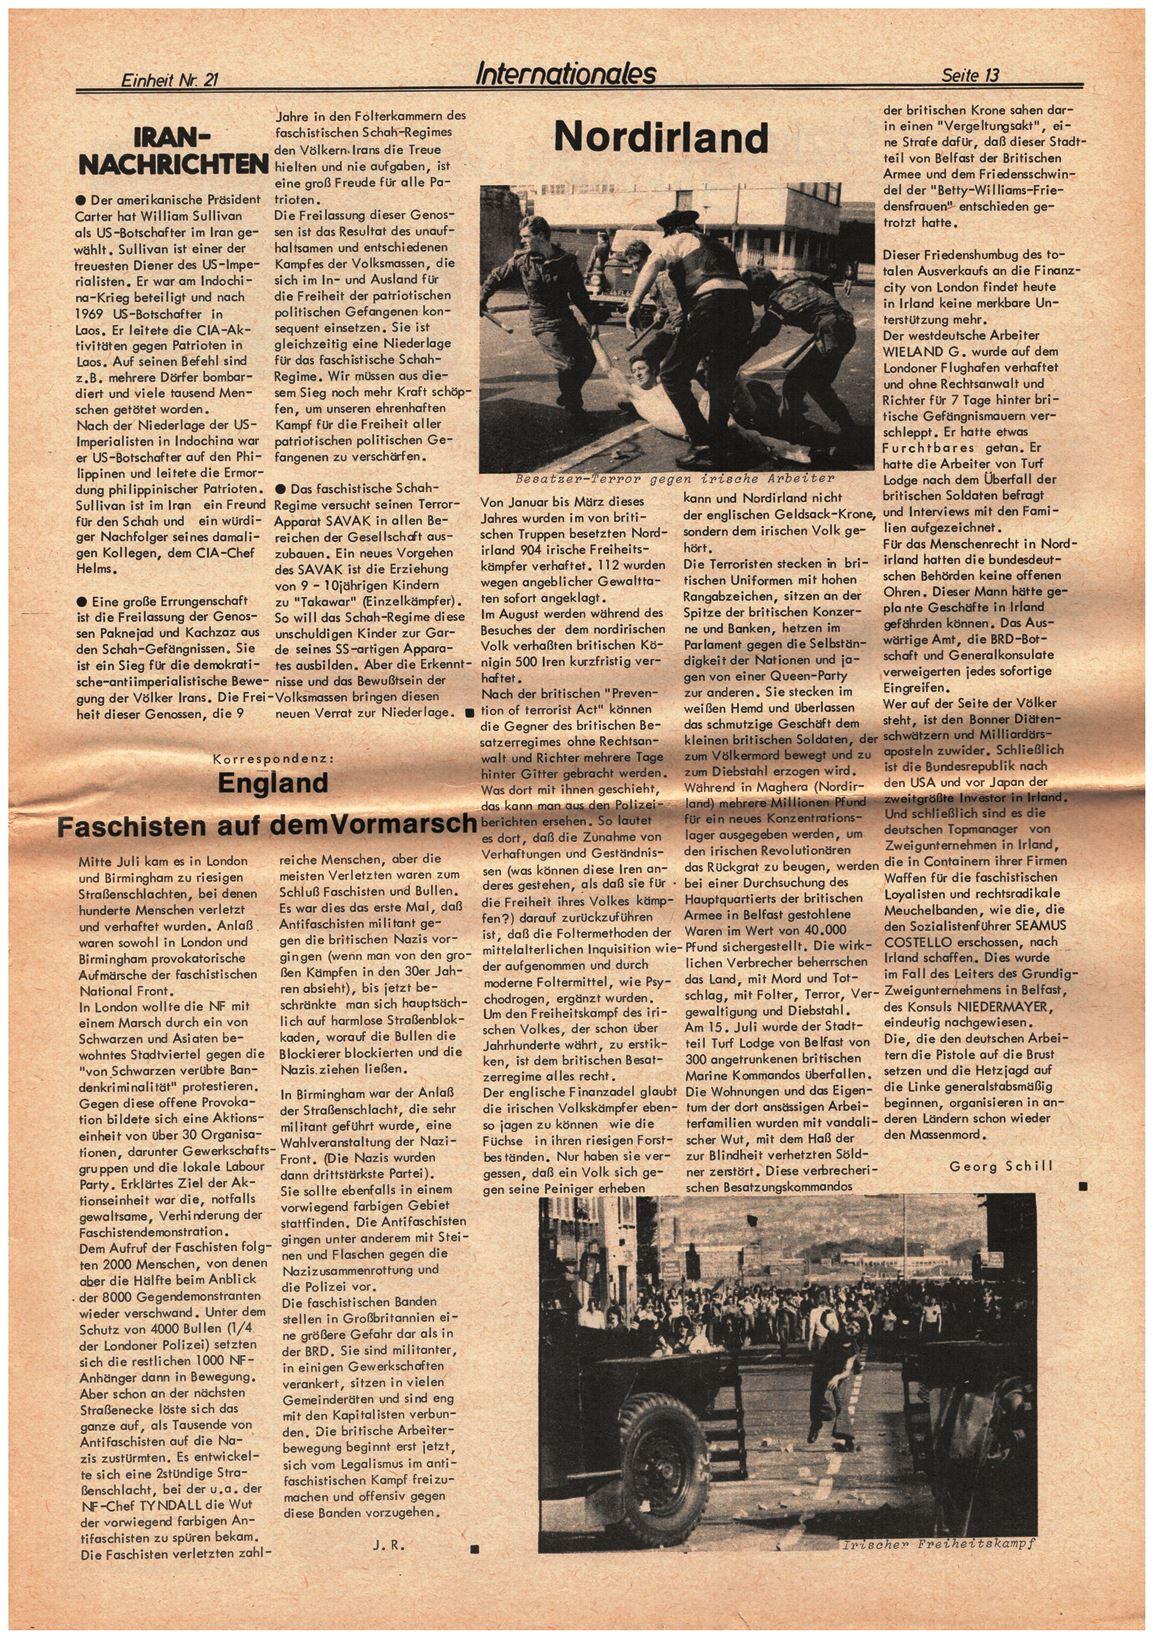 Koeln_IPdA_Einheit_1977_021_013